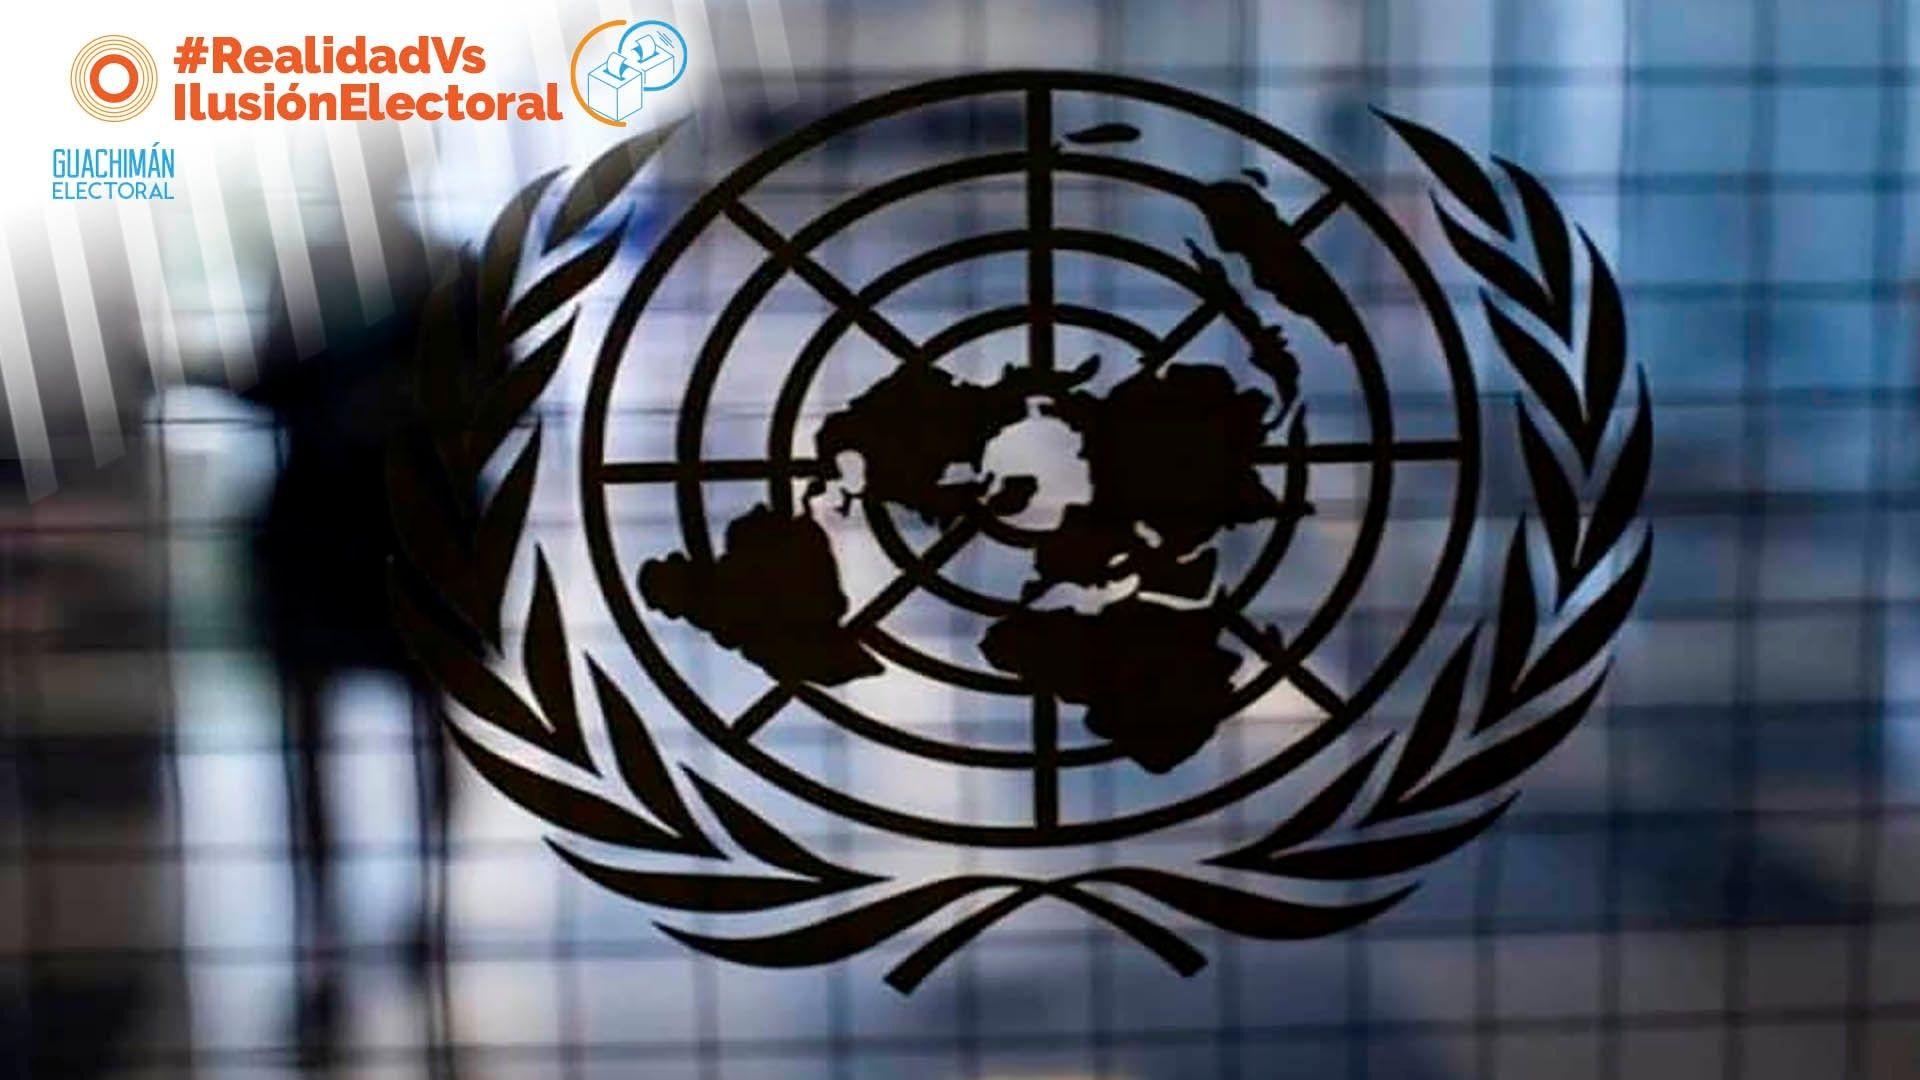 #GuachimánElectoral | 14 al #20Sep: informe ONU opacó el tema electoral en las redes